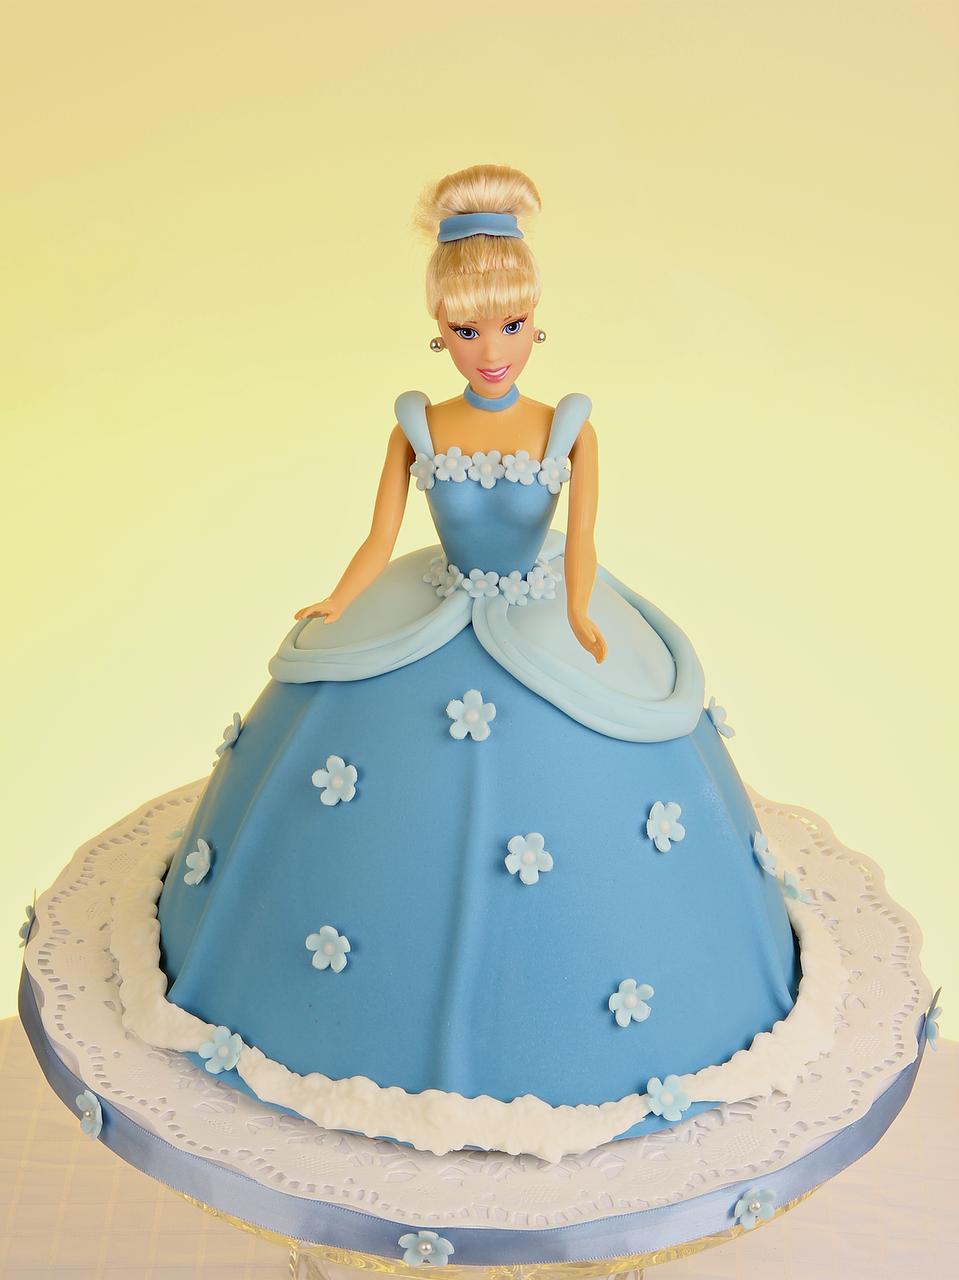 Go Diego Go Cake Design